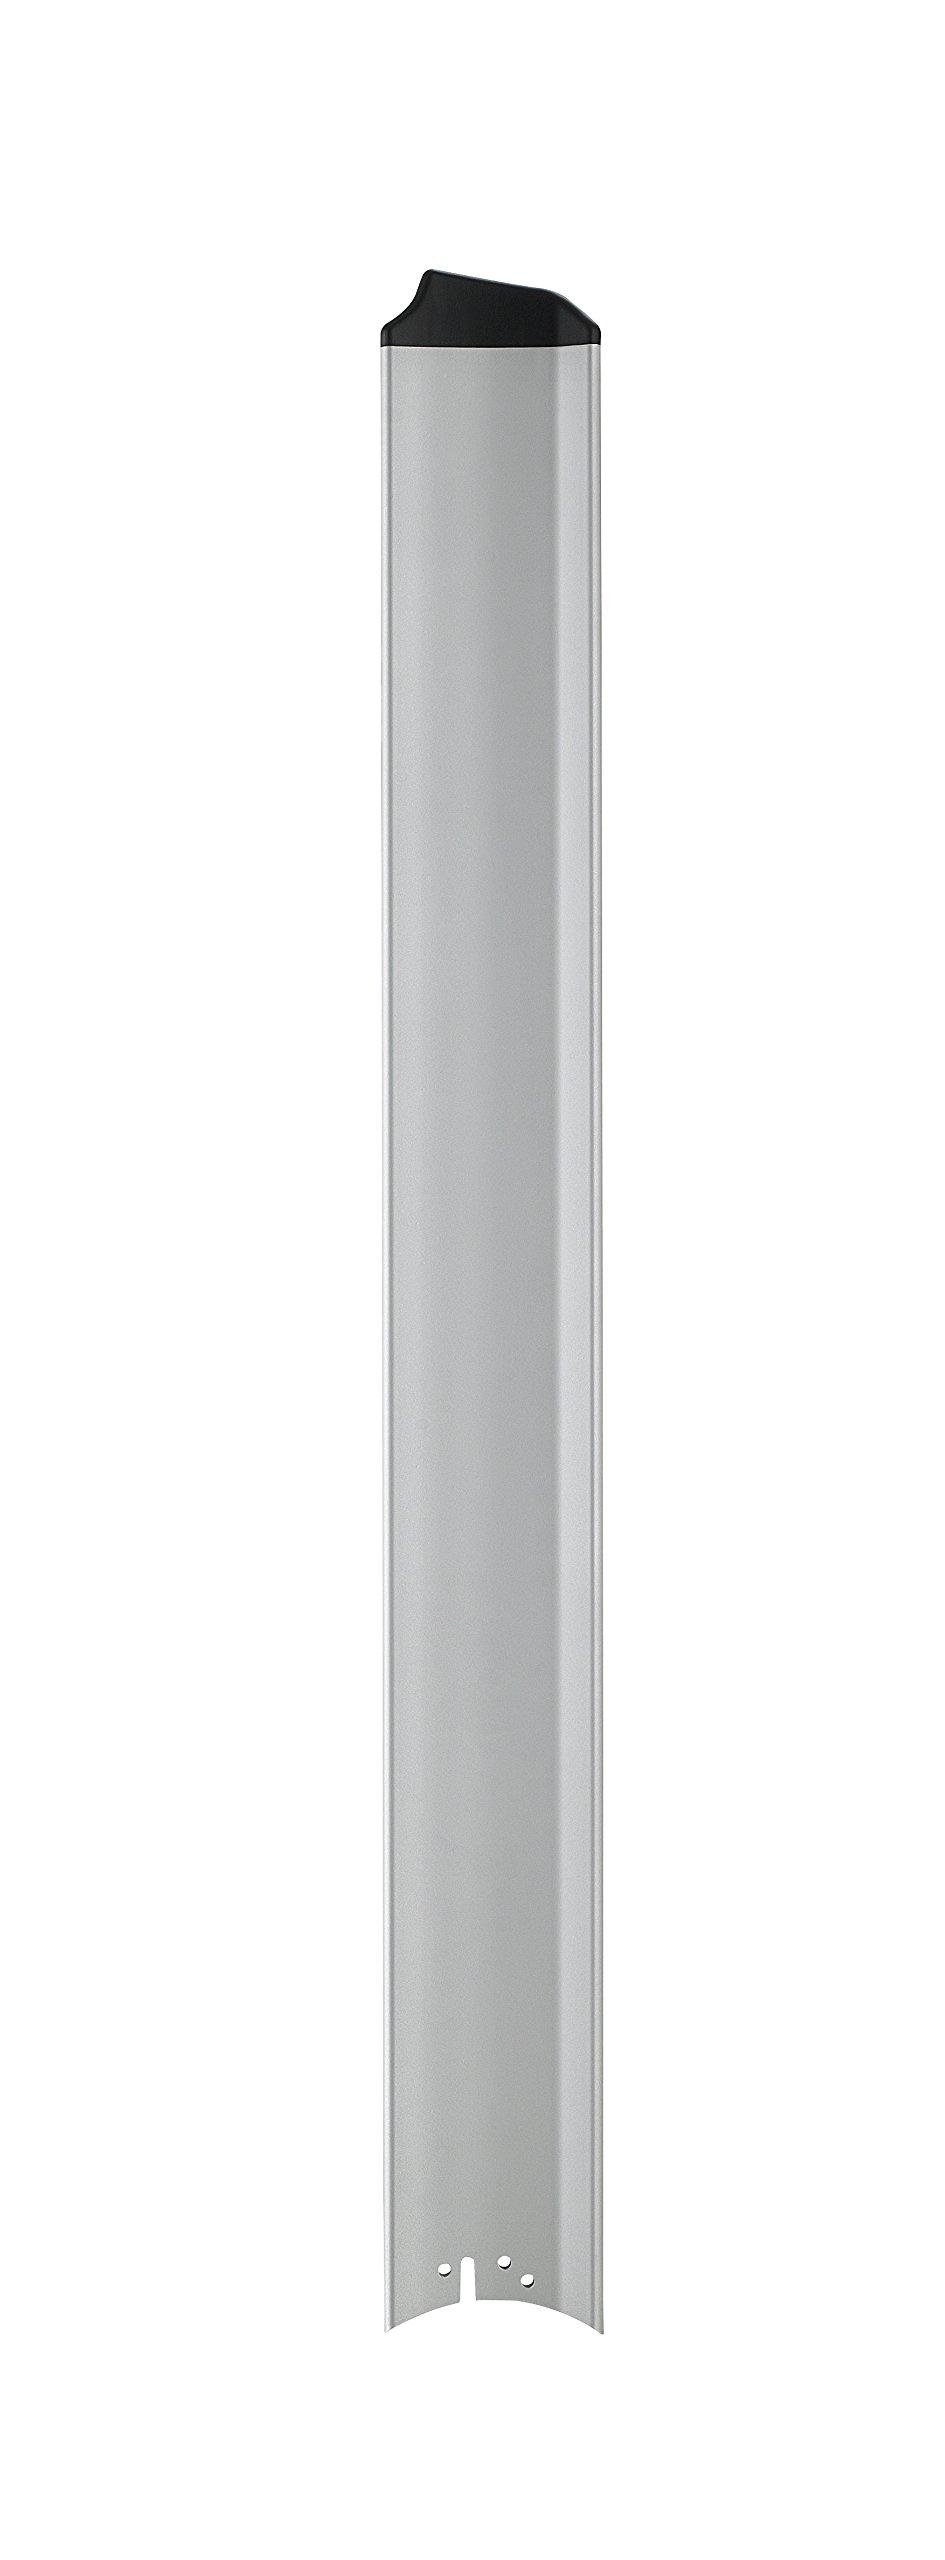 Fanimation B7997-64SLW Fan Blades, Silver with Black Tip